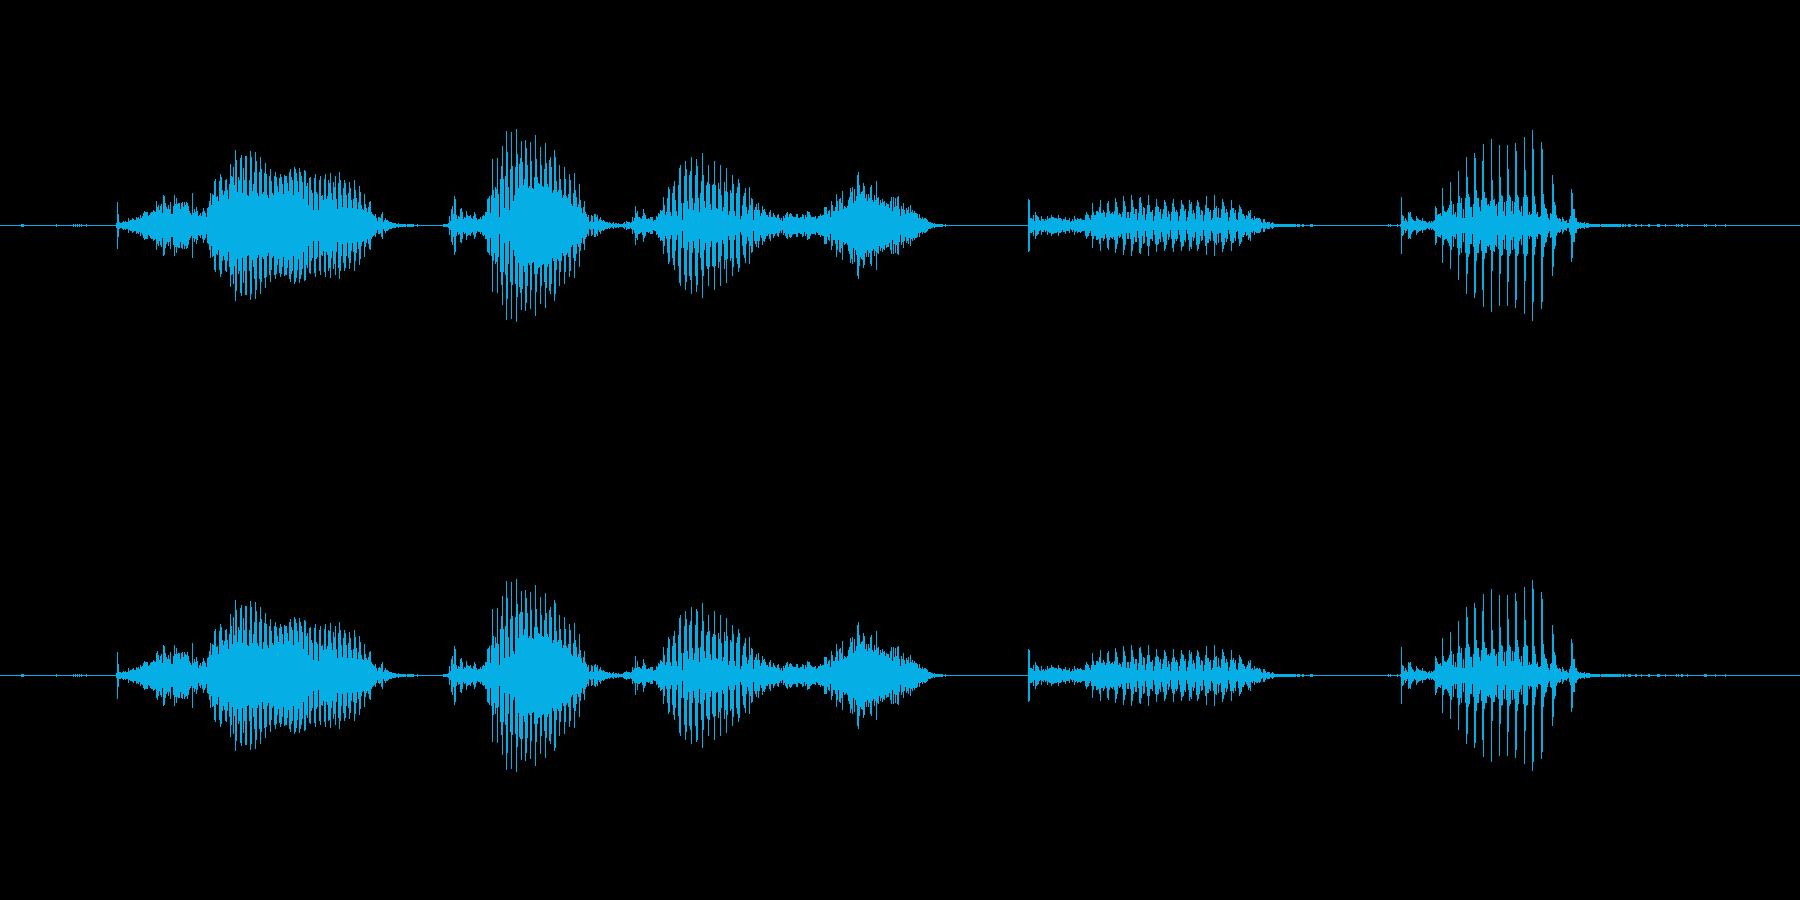 【日数・経過】9ヶ月経過の再生済みの波形